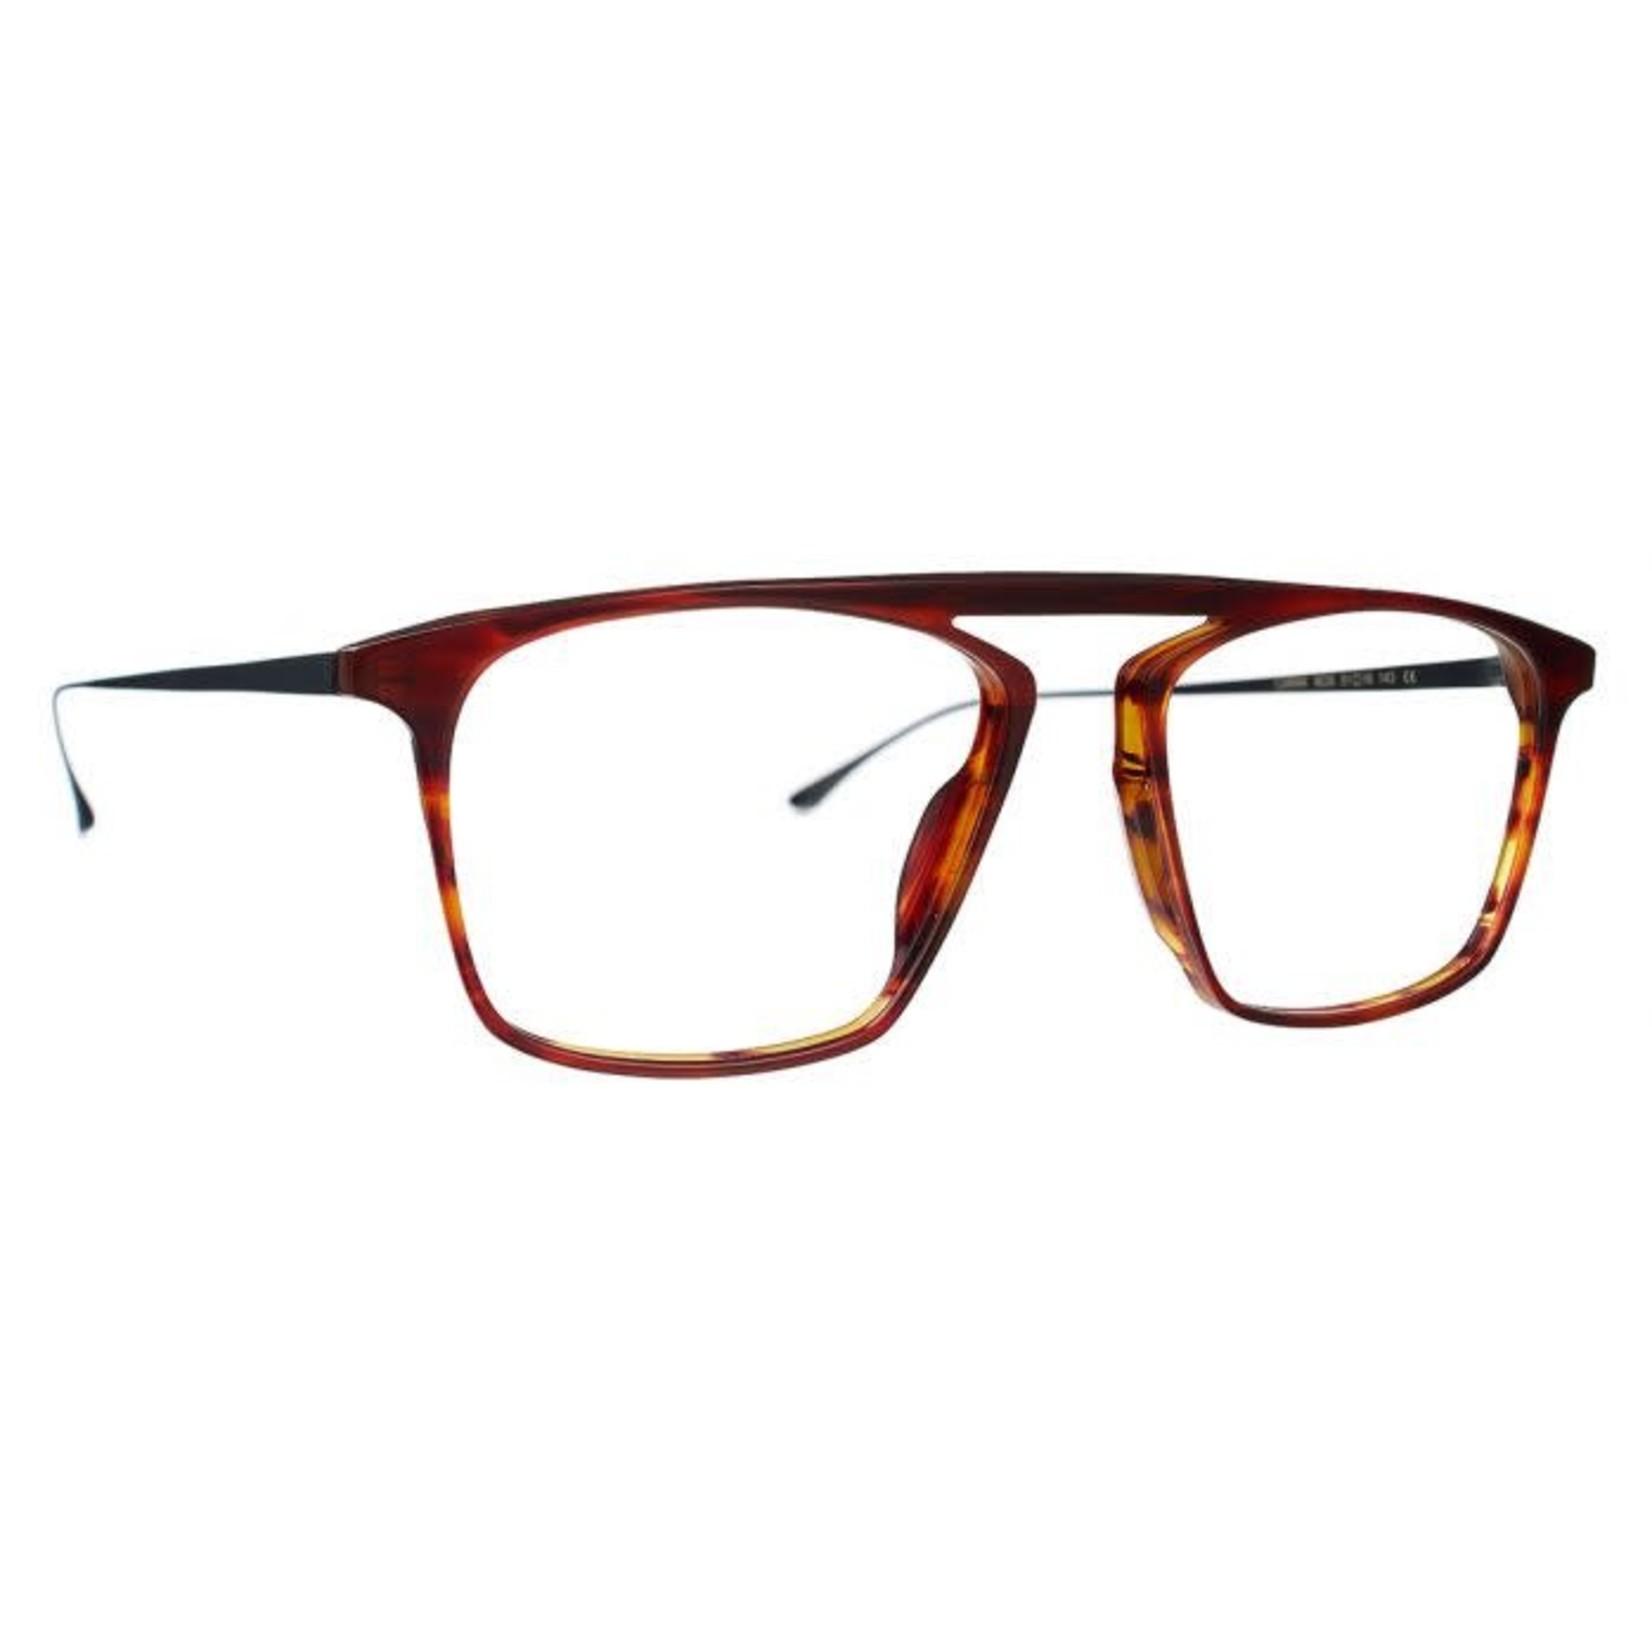 Talla Eyewear Talla Carini